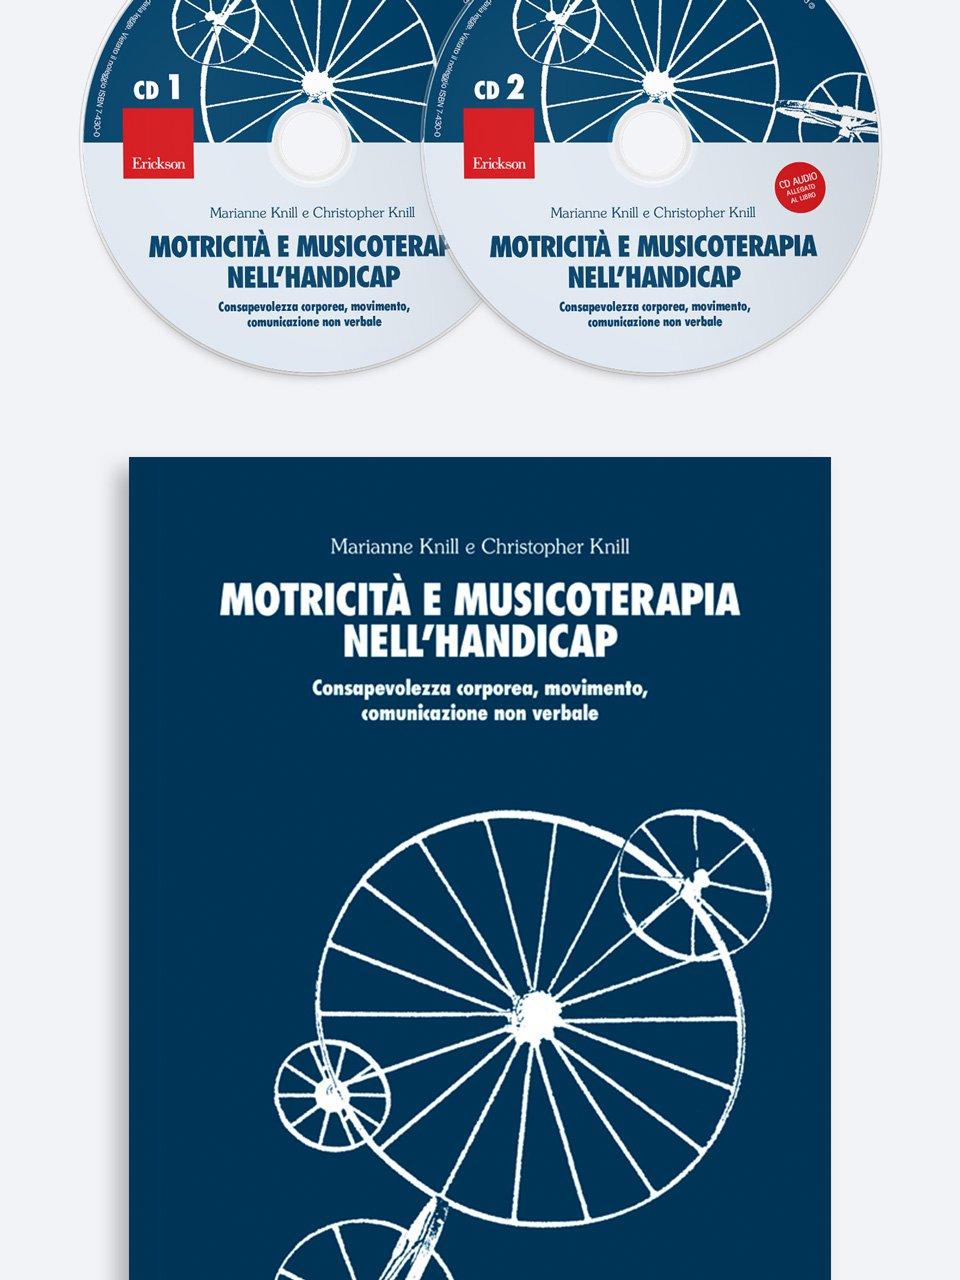 Motricità e musicoterapia nell'handicap - Musicalità e pratiche inclusive - Libri - Erickson